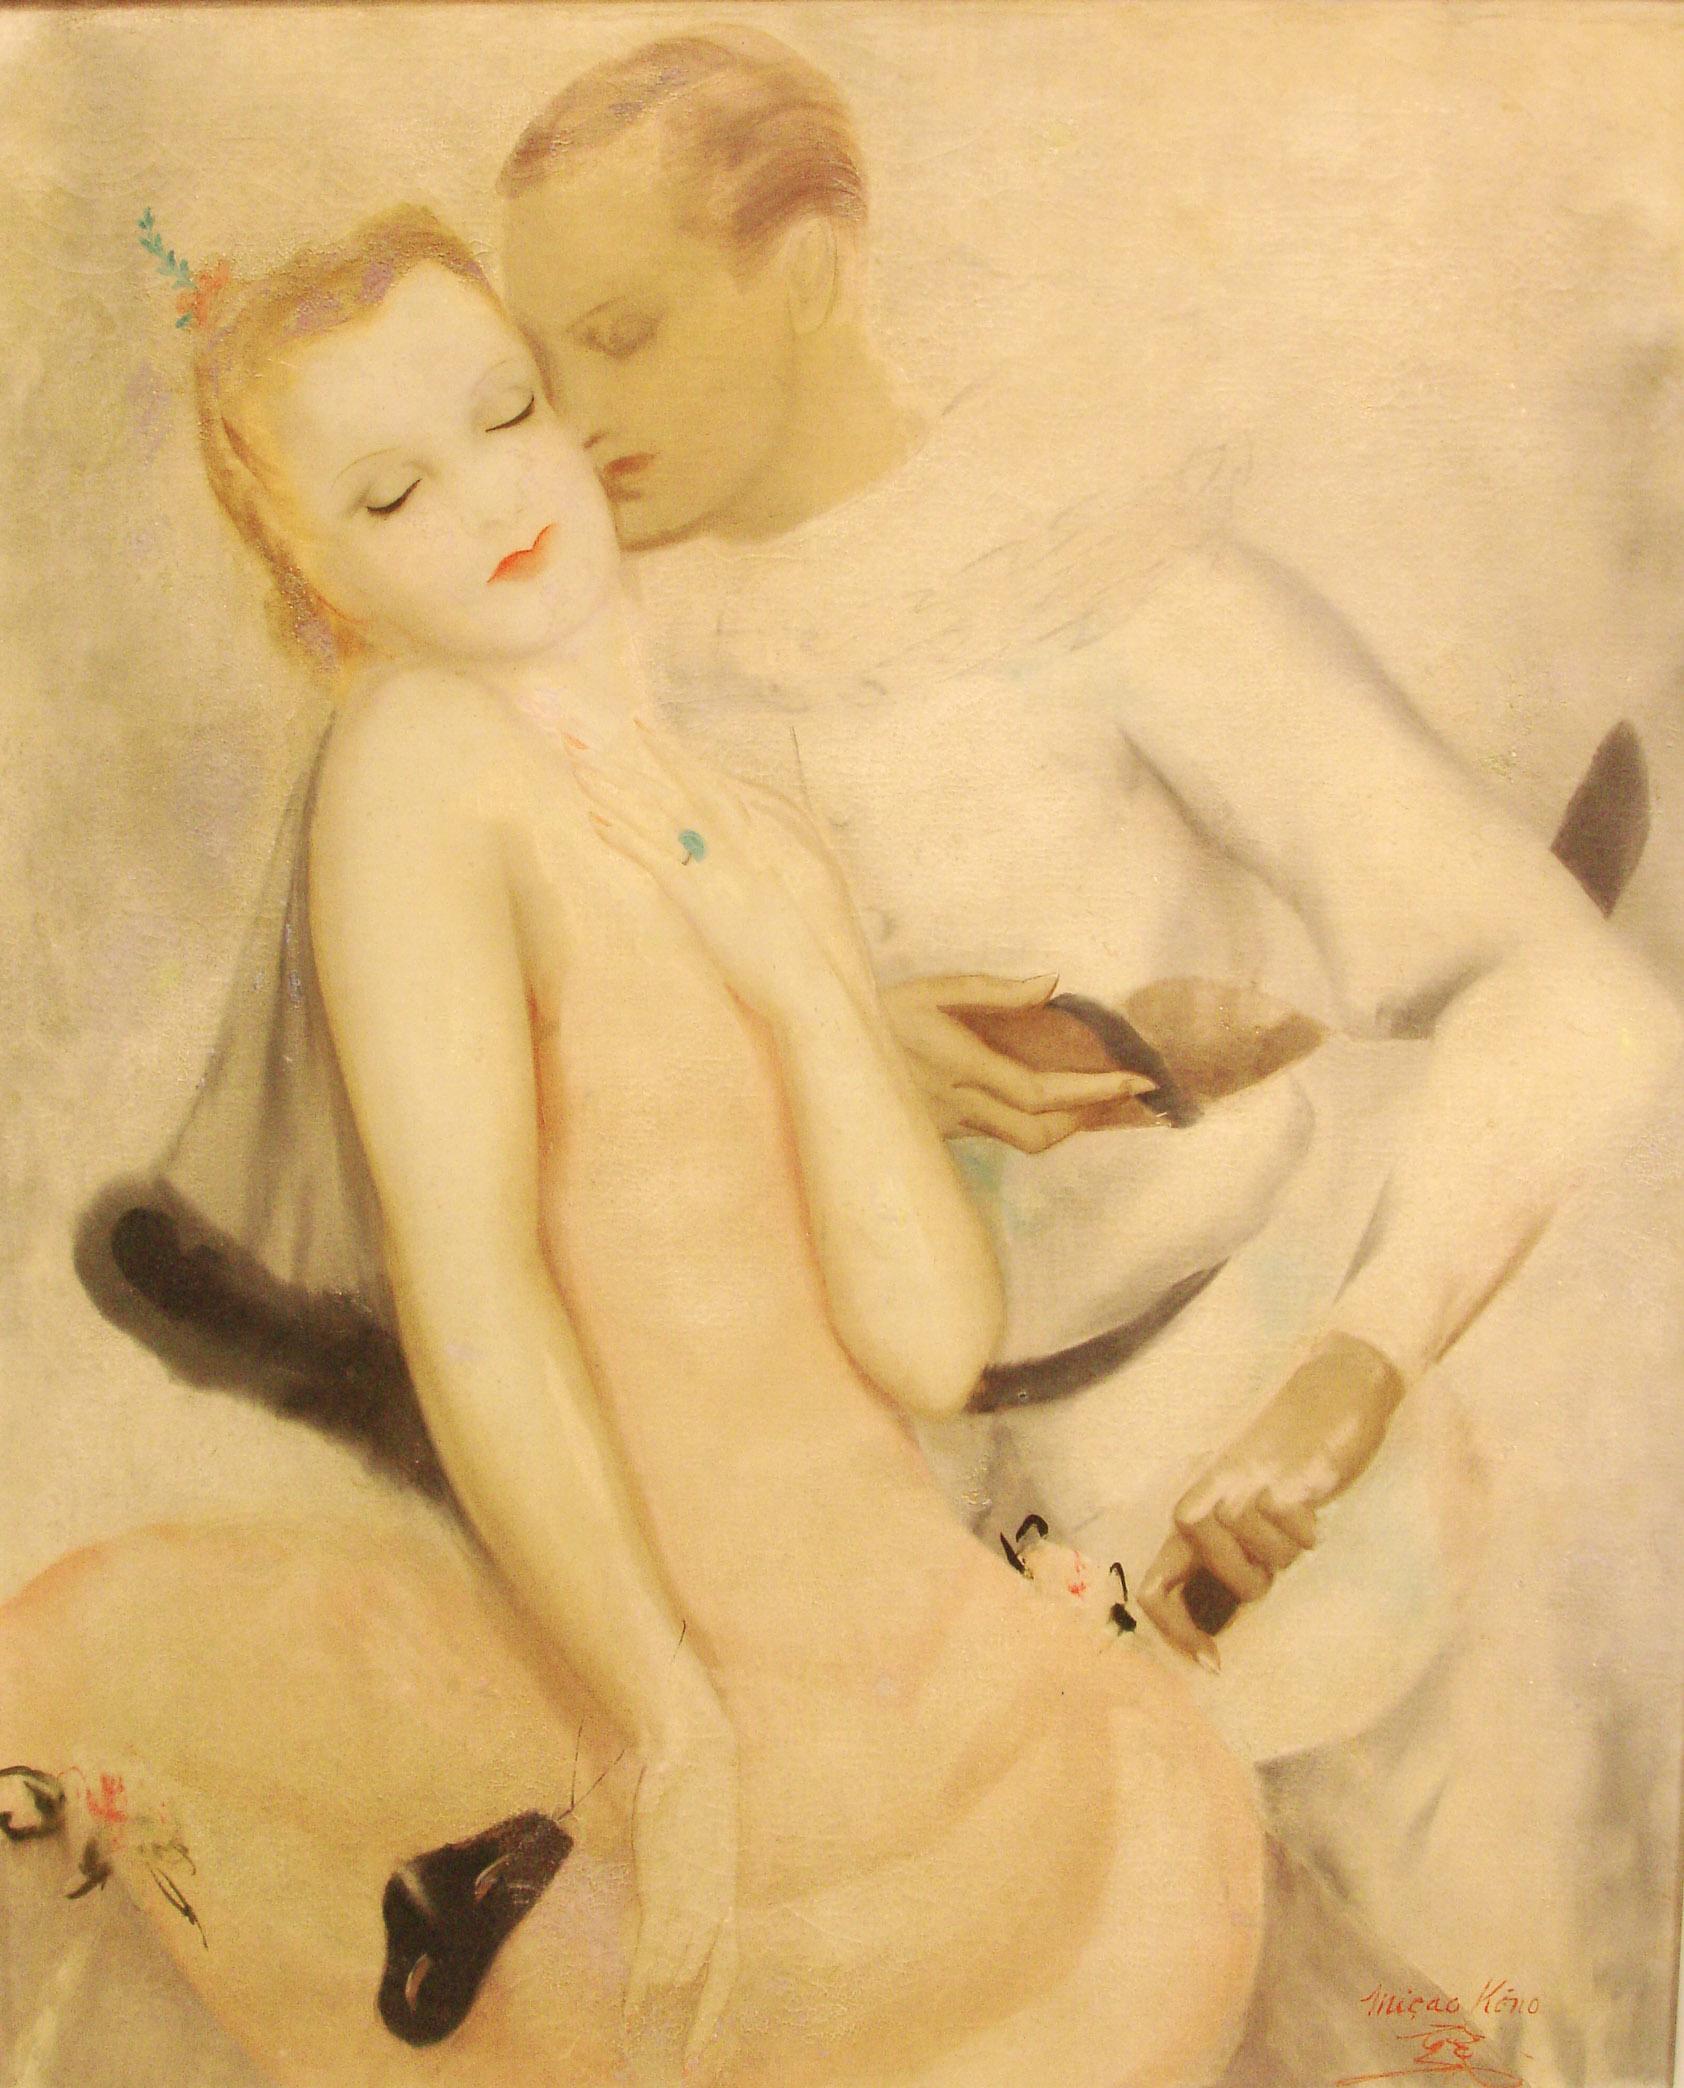 Huile sur toile. XXe siècle. Collection Olivier Berni Intérieurs